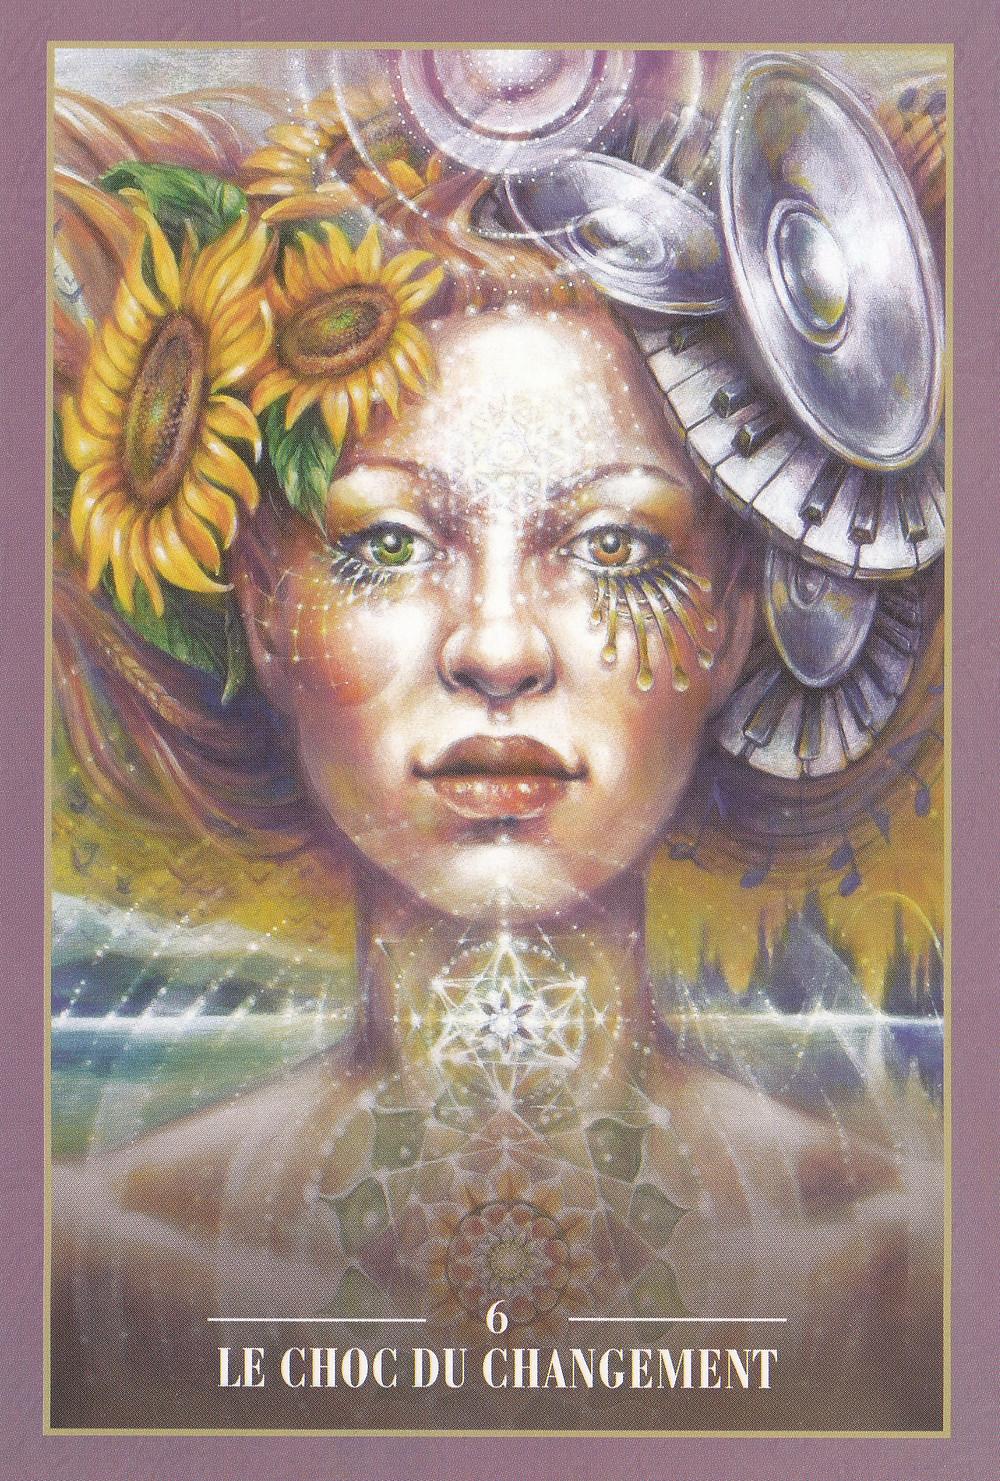 Carte de L'Oracle des Rebelles Sacrés d'Alana Fairchild - Energies du 28 au 4 octobre 2020 (Pleine Lune du 1er) : Le choc du changement : la Vérité voit le jour concrètement !